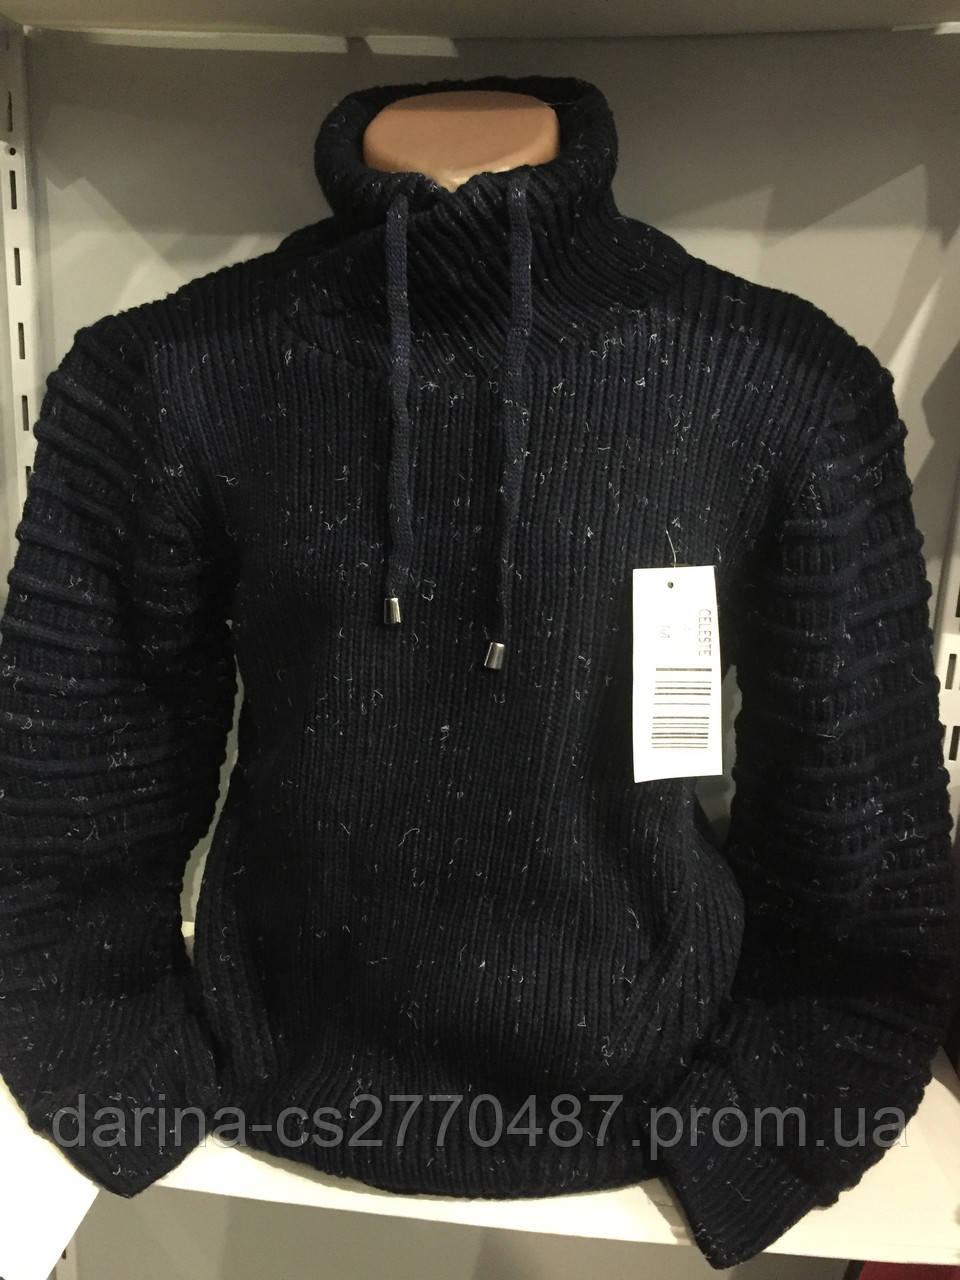 Теплый мужской свитер с шалевым воротником M,L,XL, фото 1